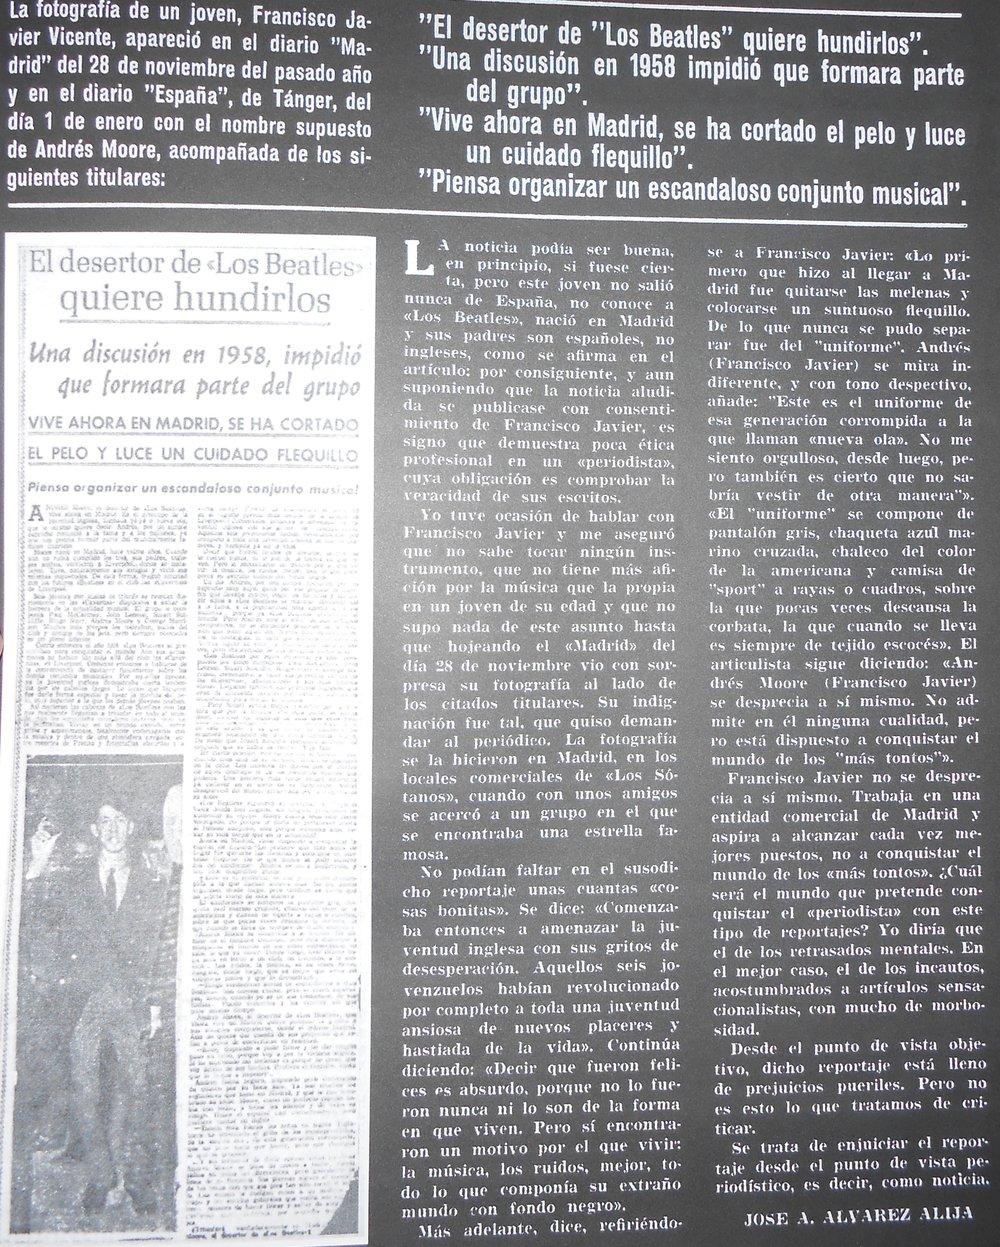 El artículo publicado en Fonorama. A la izquierda, la pieza objeto de polémica en la que puede verse a Andrés Moore (Francisco Javier)